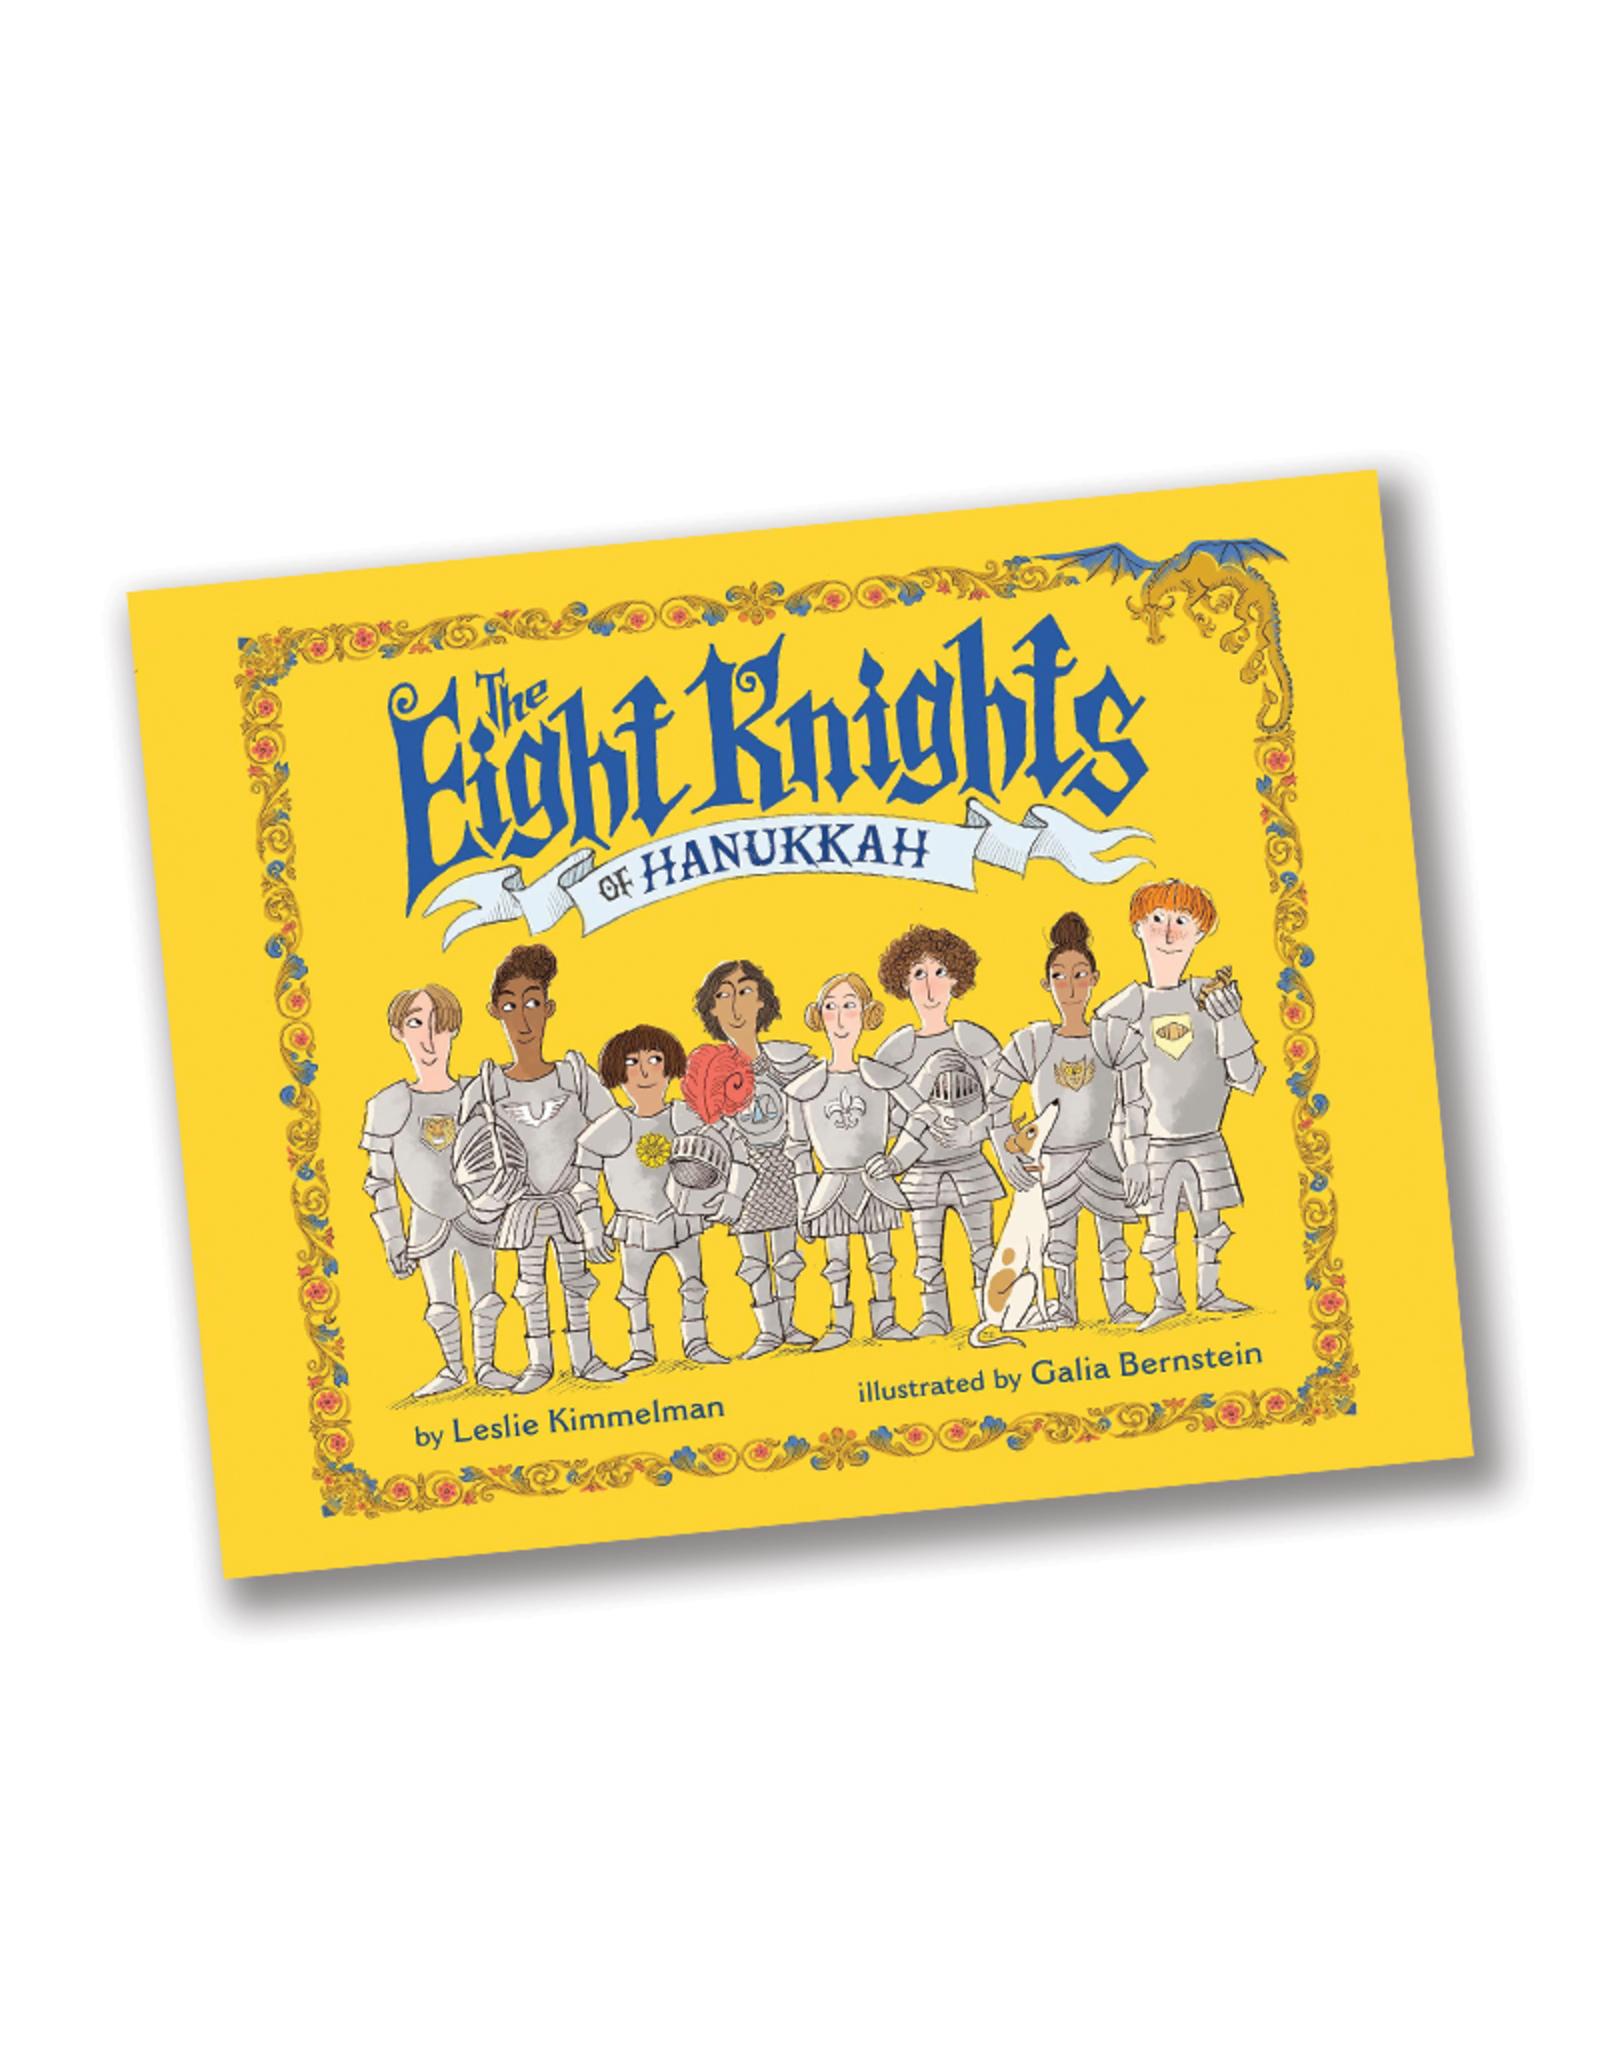 The Eight Knights of Hanukkah